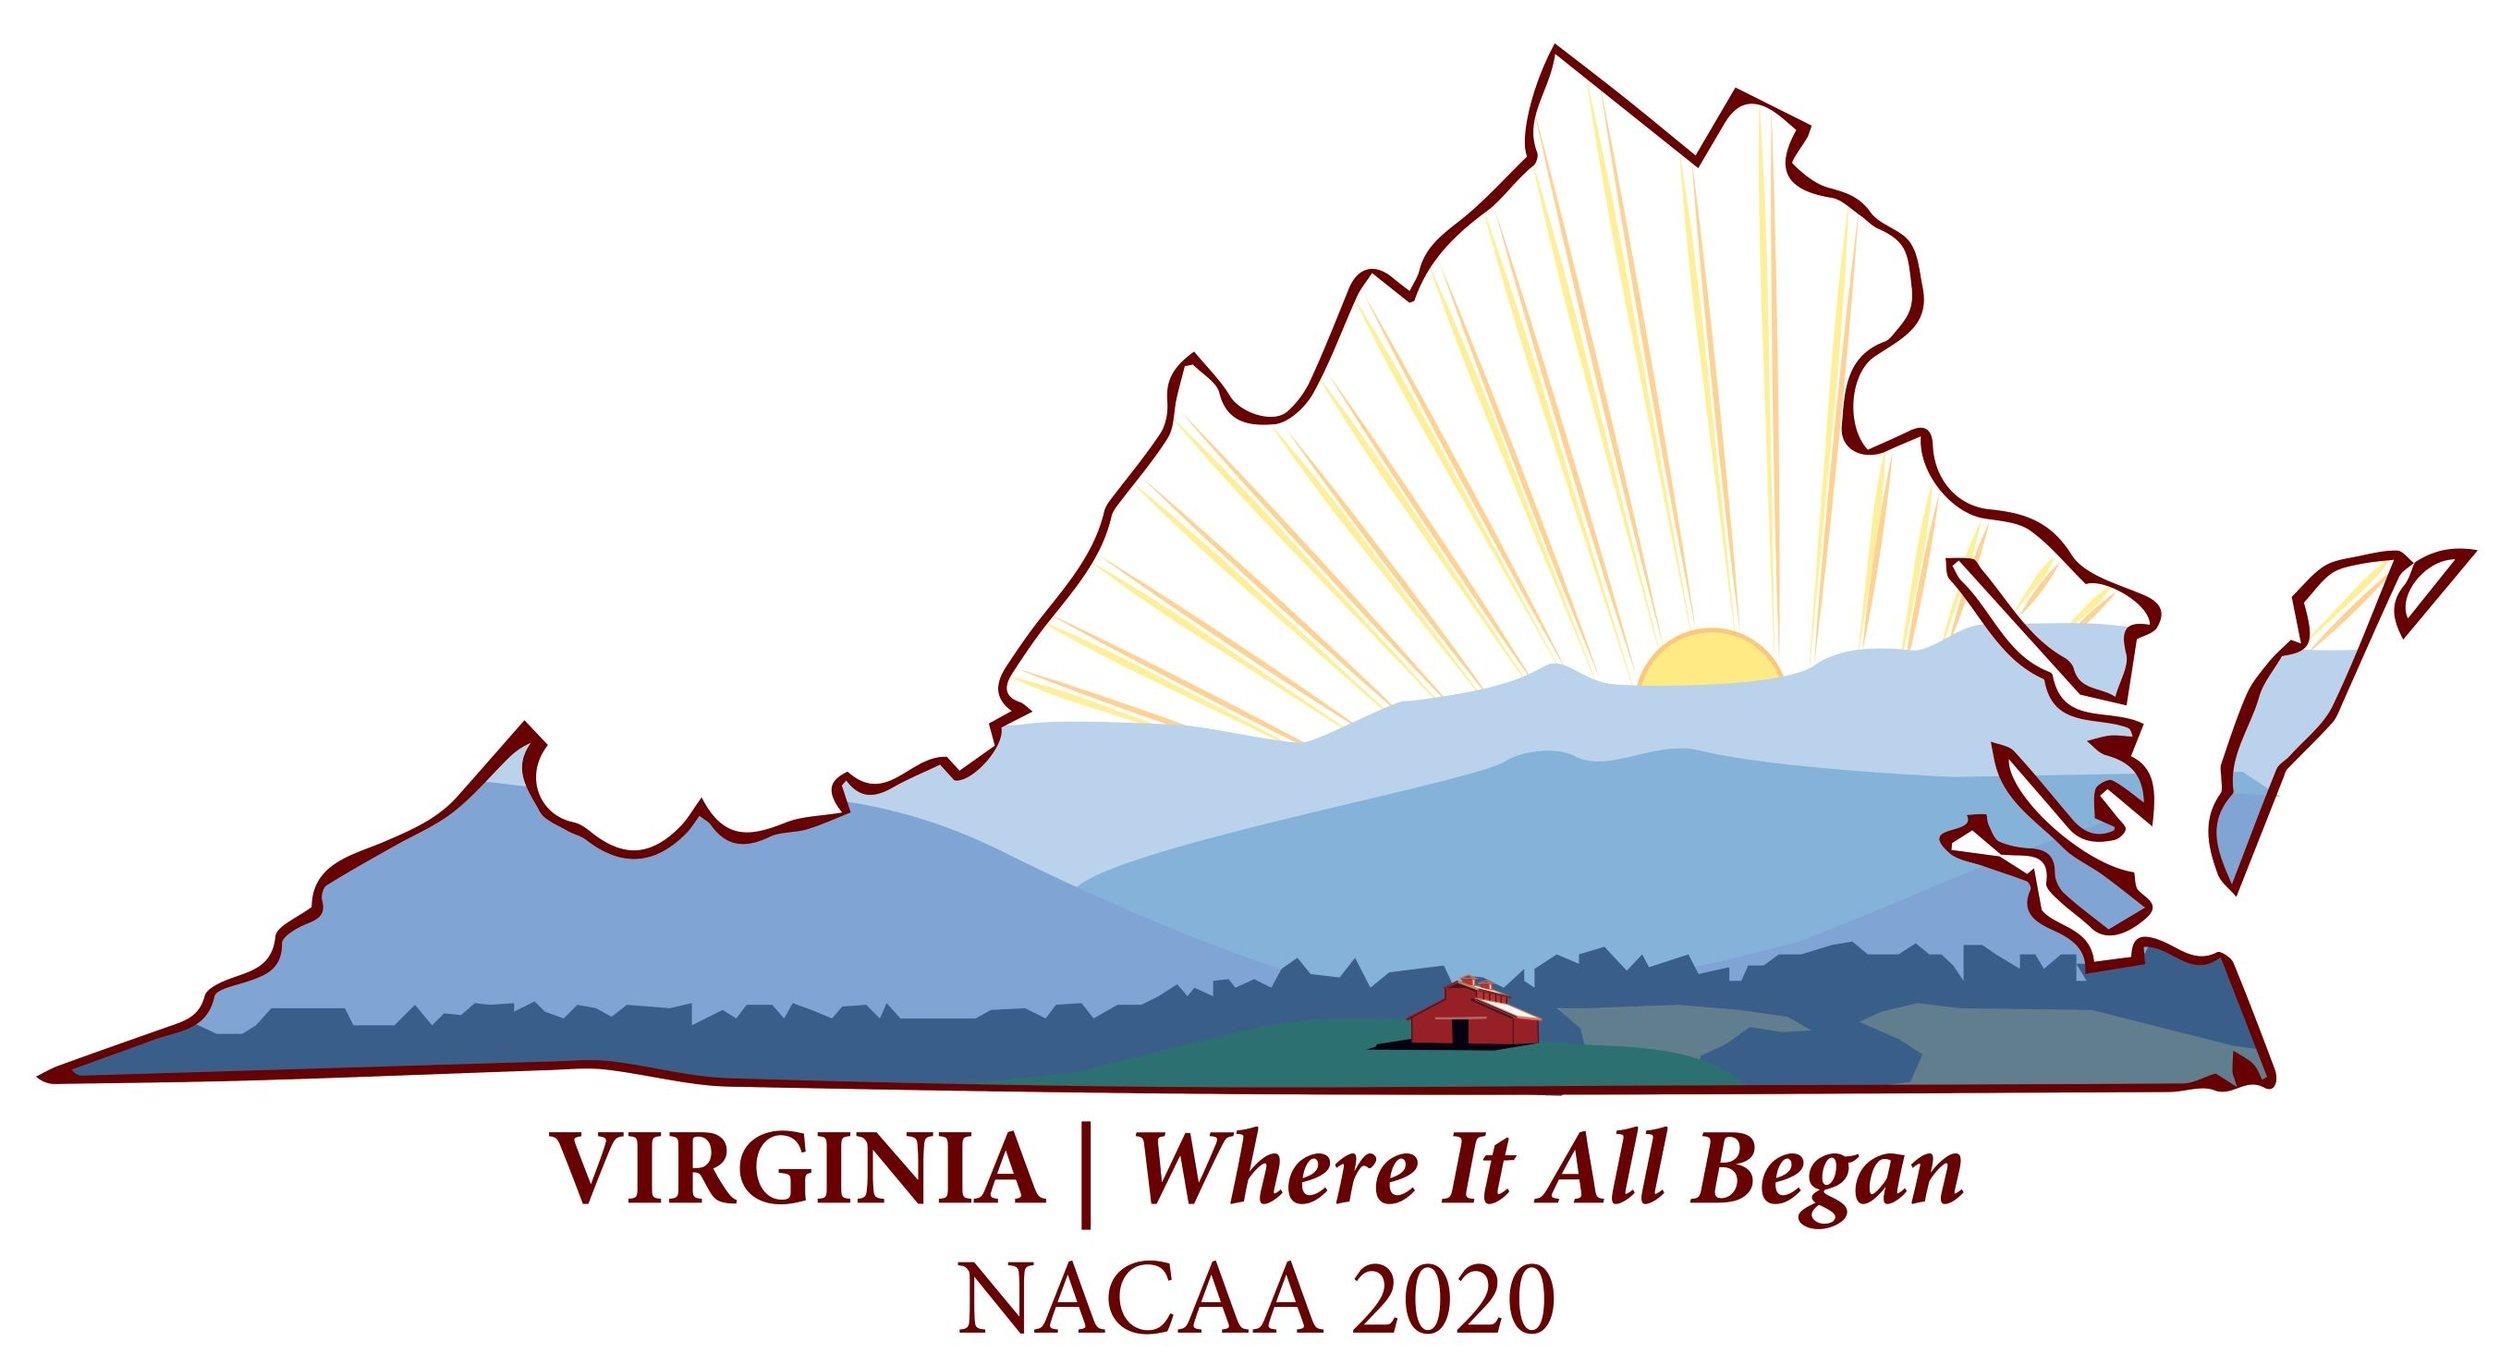 NACAA 2020